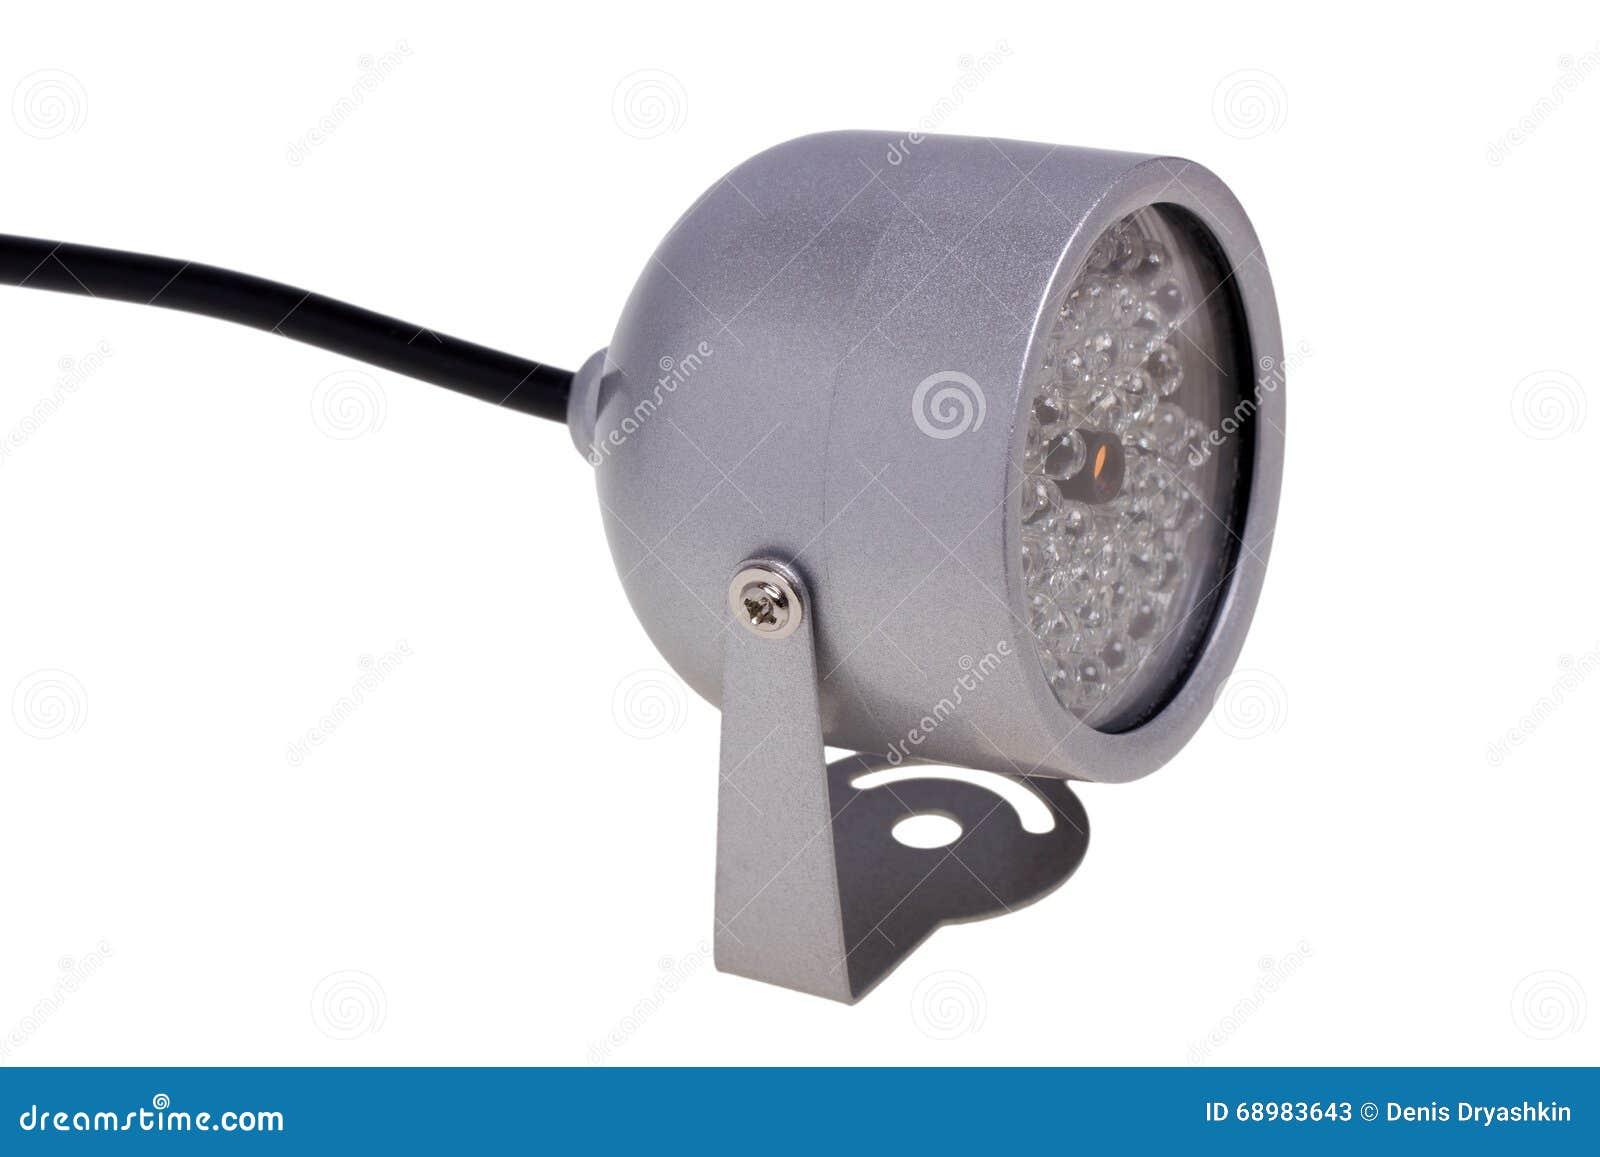 Iluminadores infrarrojos para el surveillanc del sistema de seguridad y video